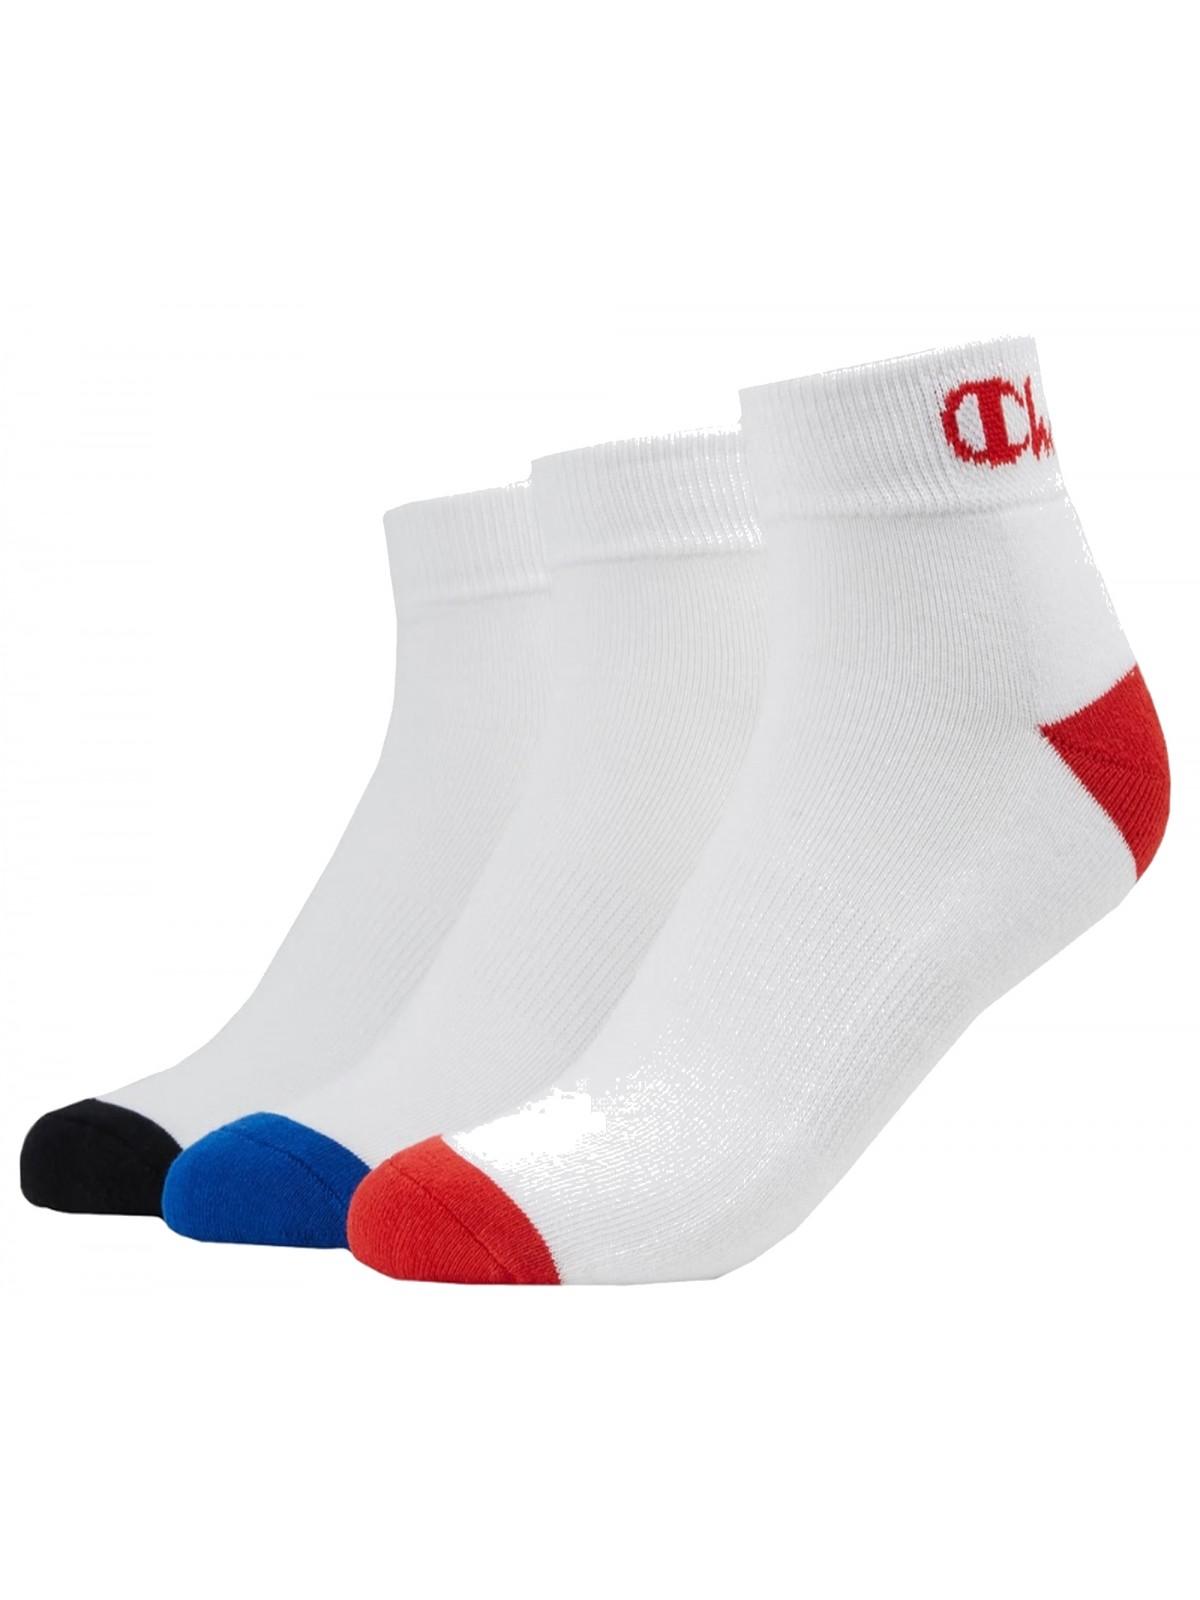 Champion chaussette mi- haute X3 blanc / rouge blanc / bleu blanc / noir